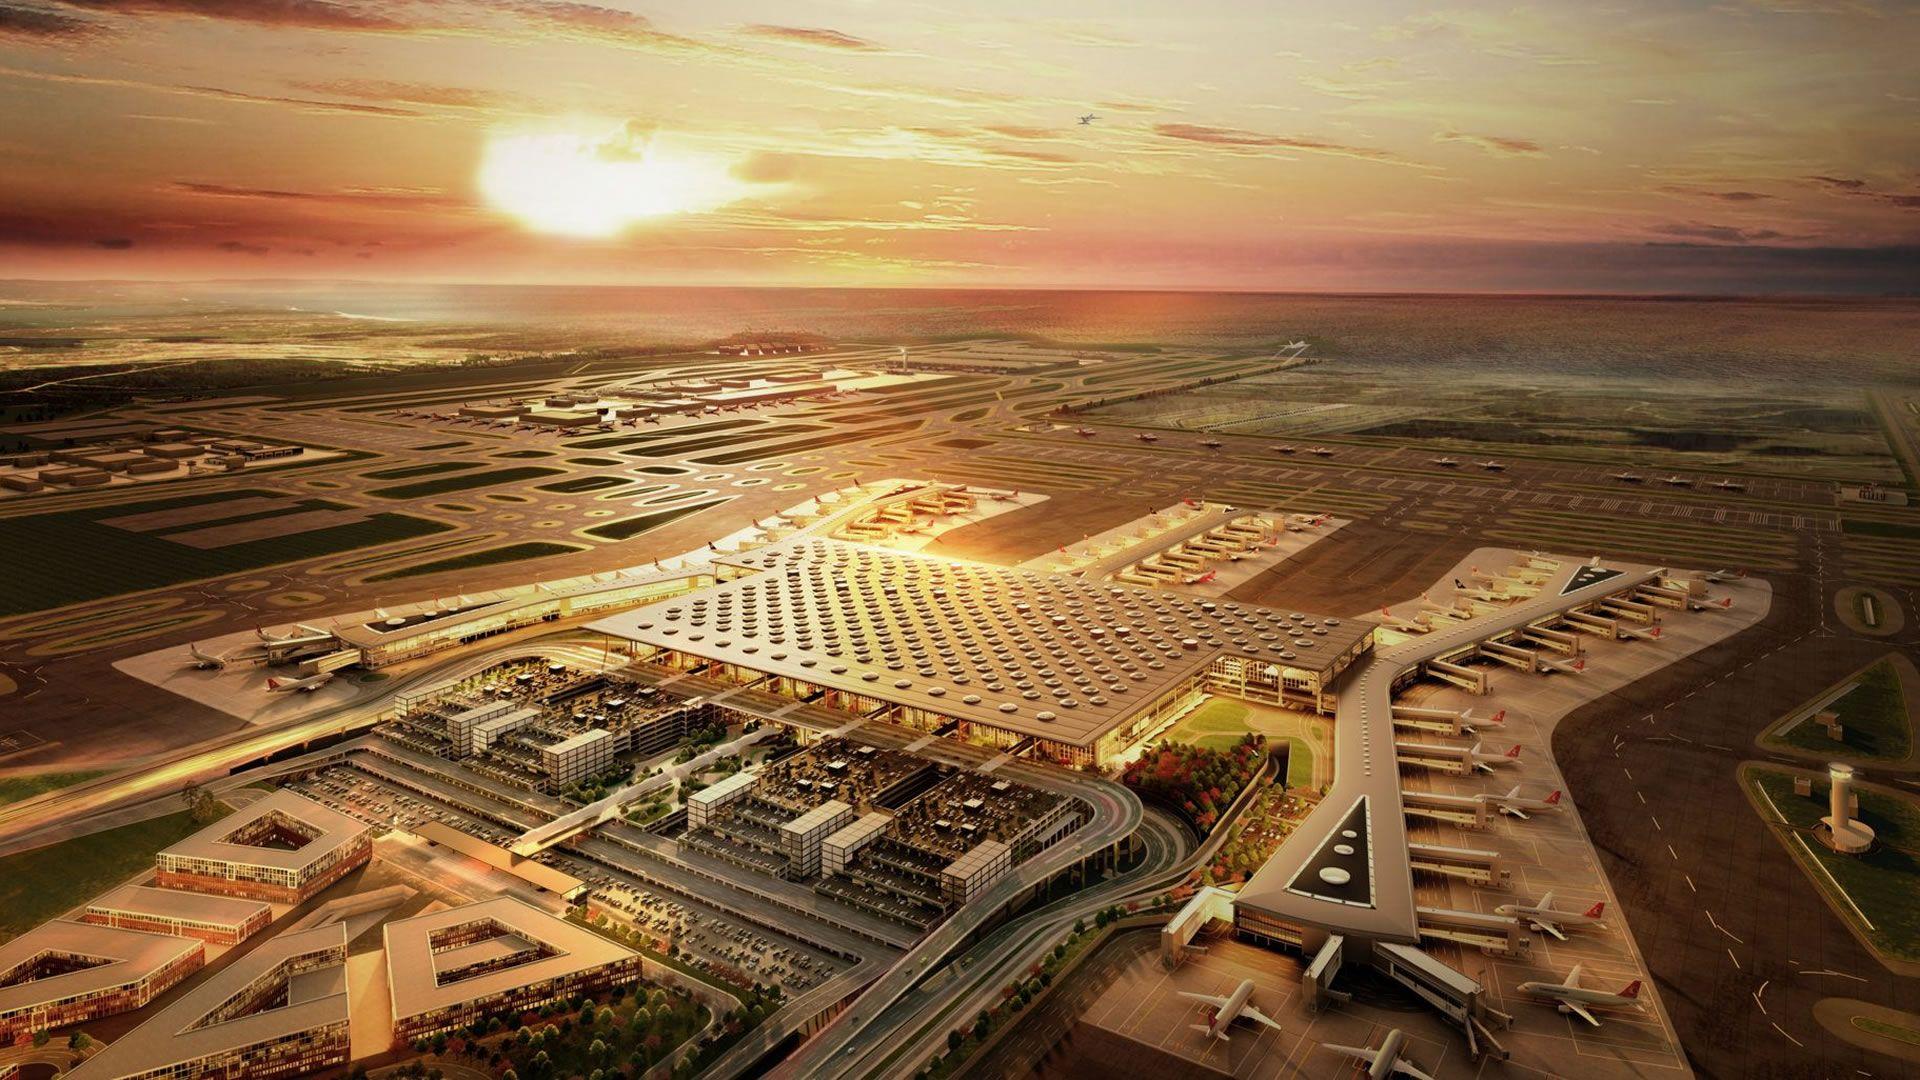 El nuevo aeropuerto de Estambul está a punto de inaugurar y será el de mayor capacidad del mundo